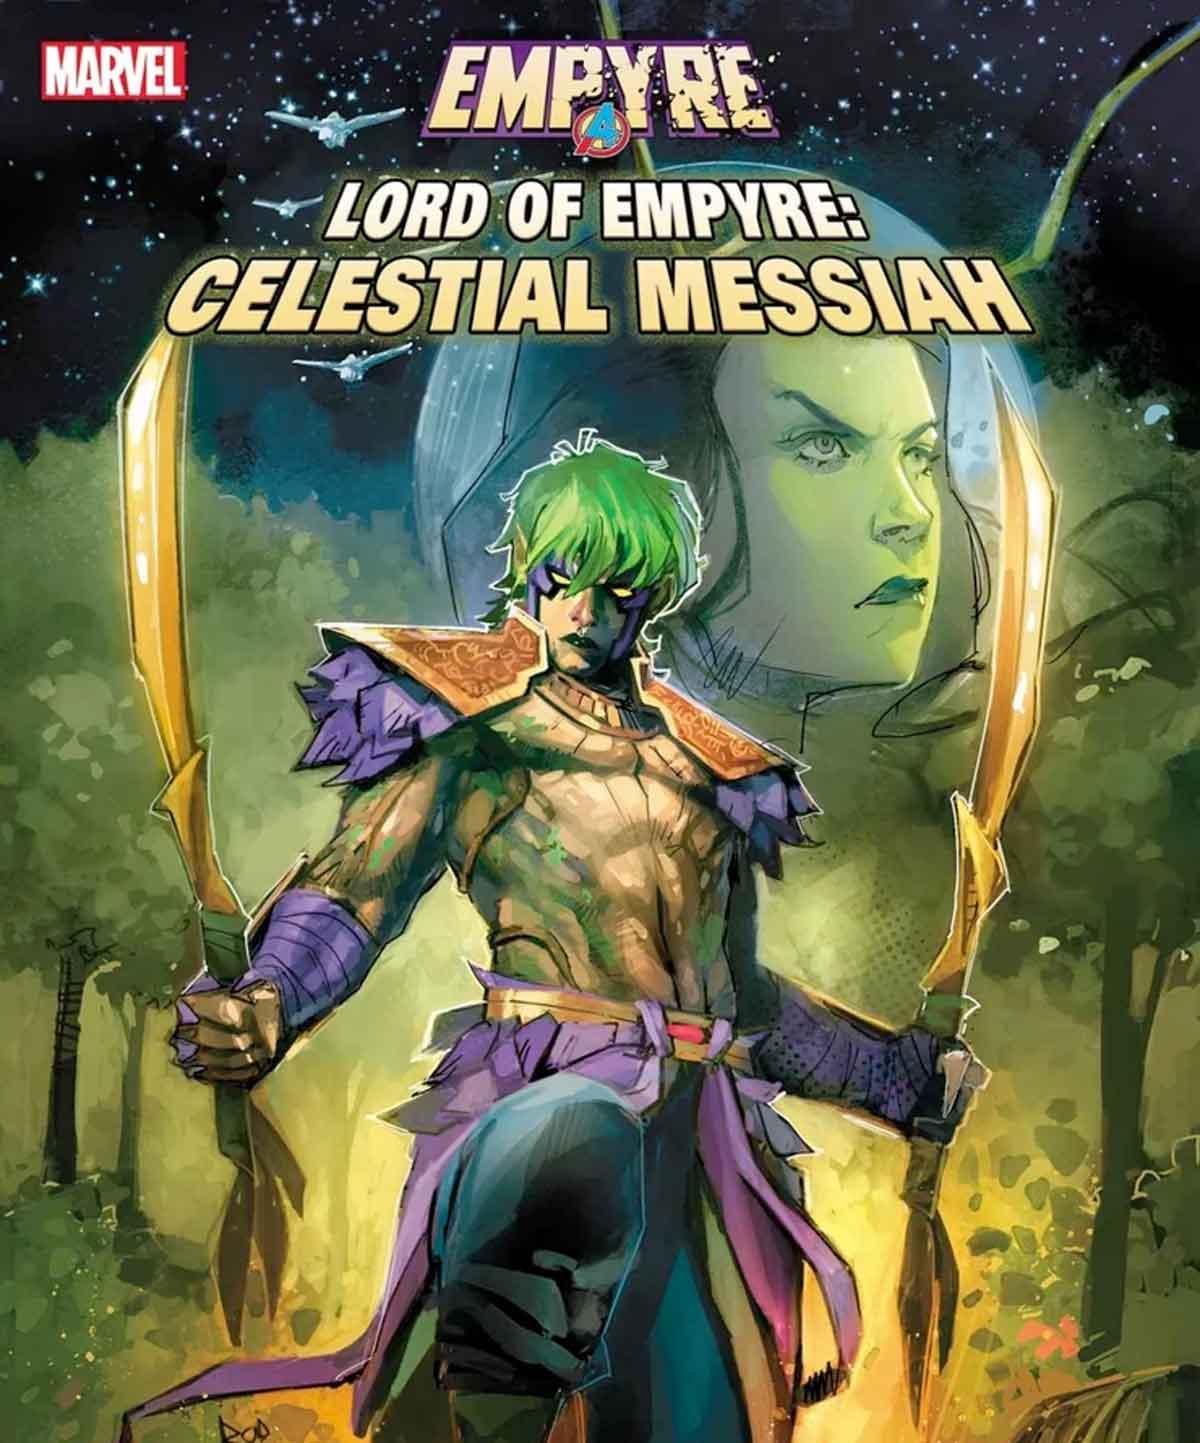 El Mesías Celestial del Universo Marvel regresa